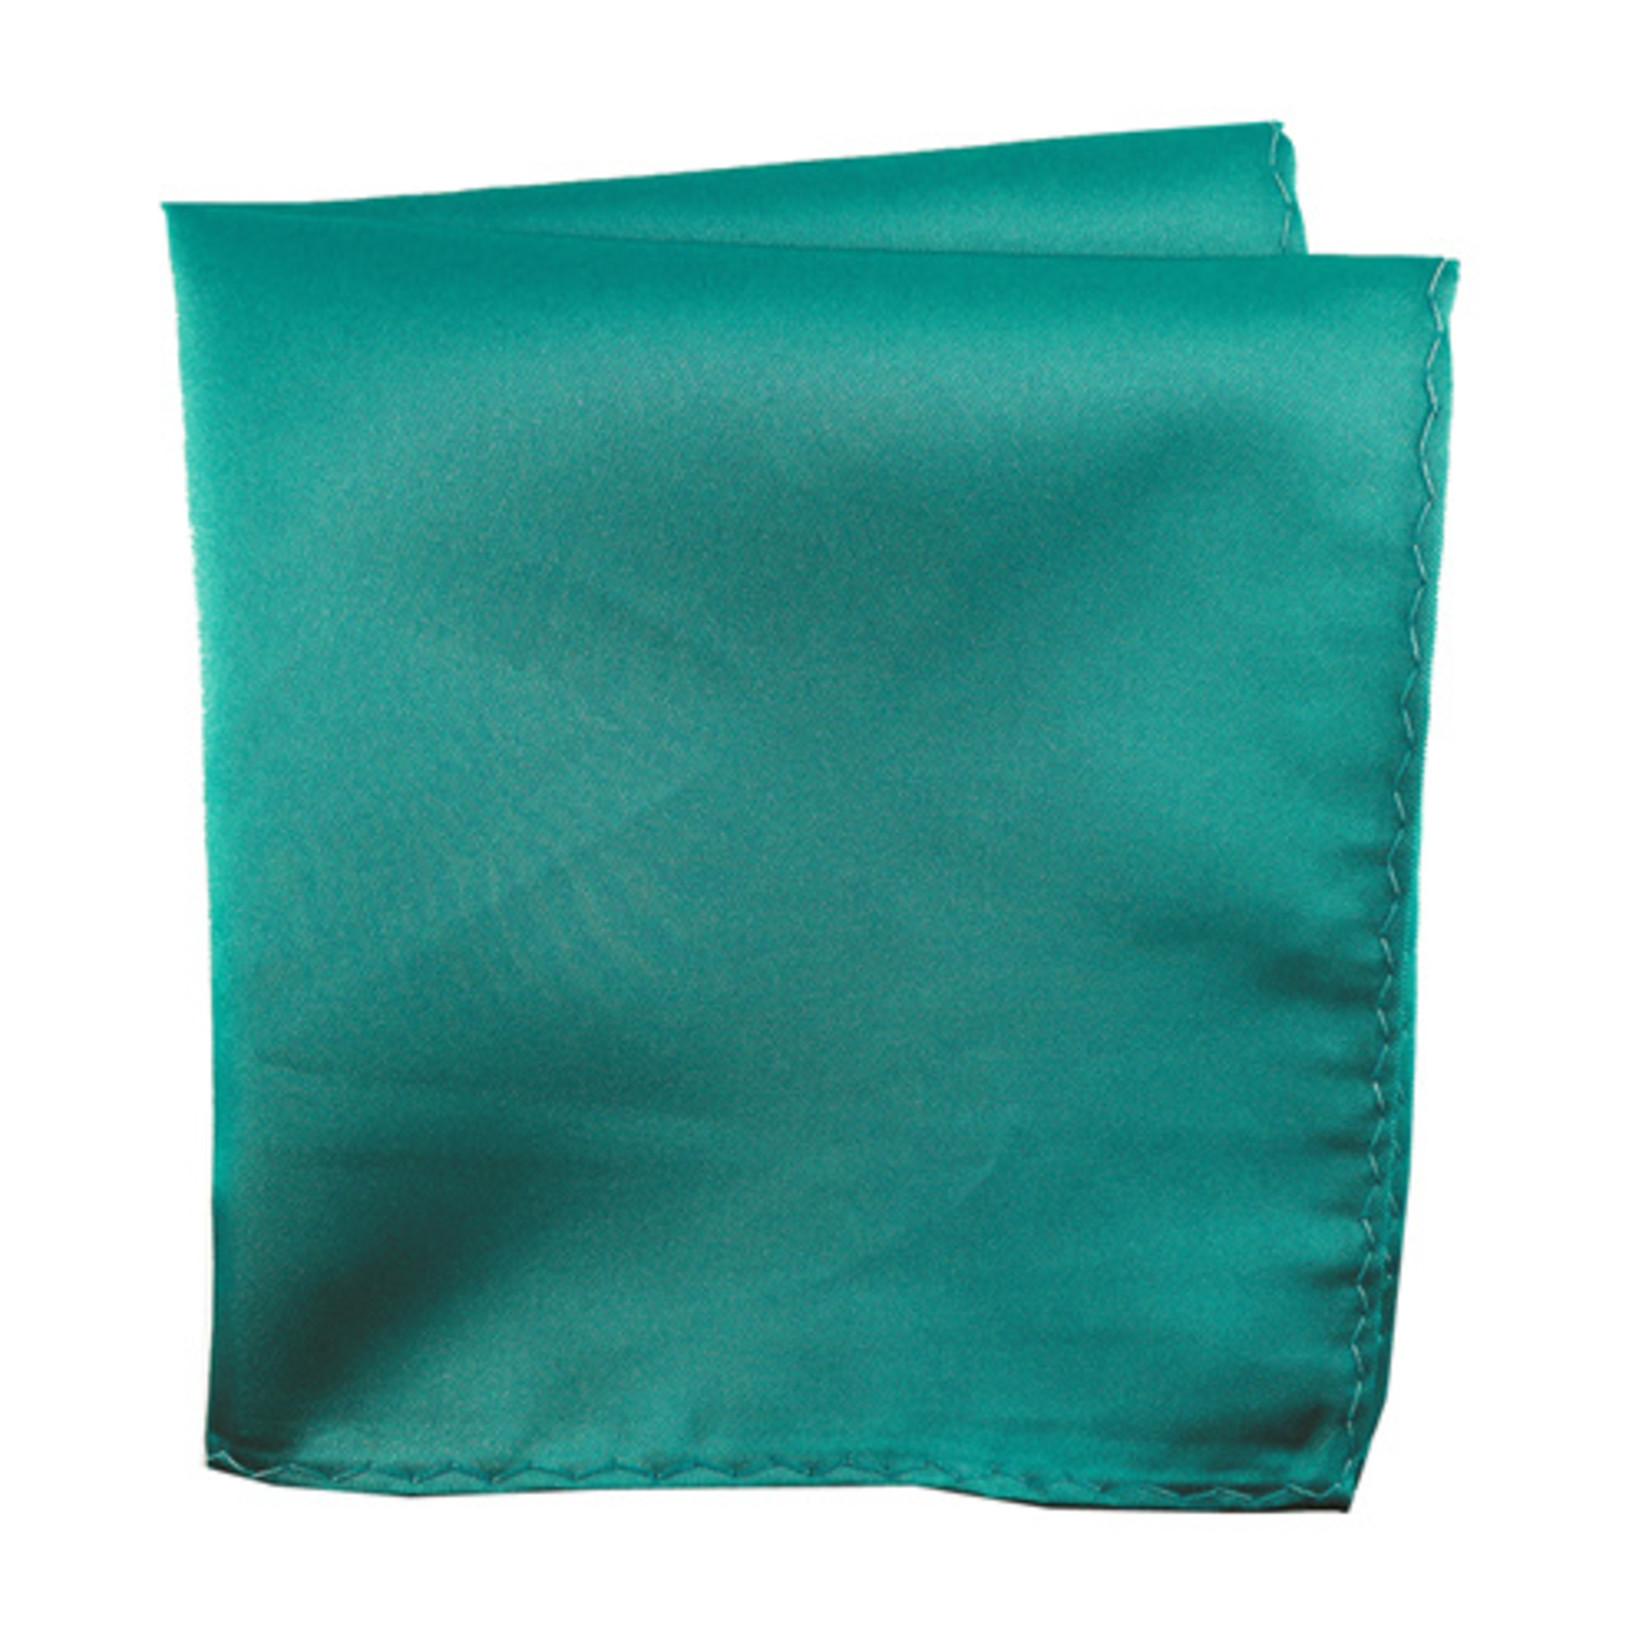 Knotz M100PSQ-36 Solid Mint Pocket Square